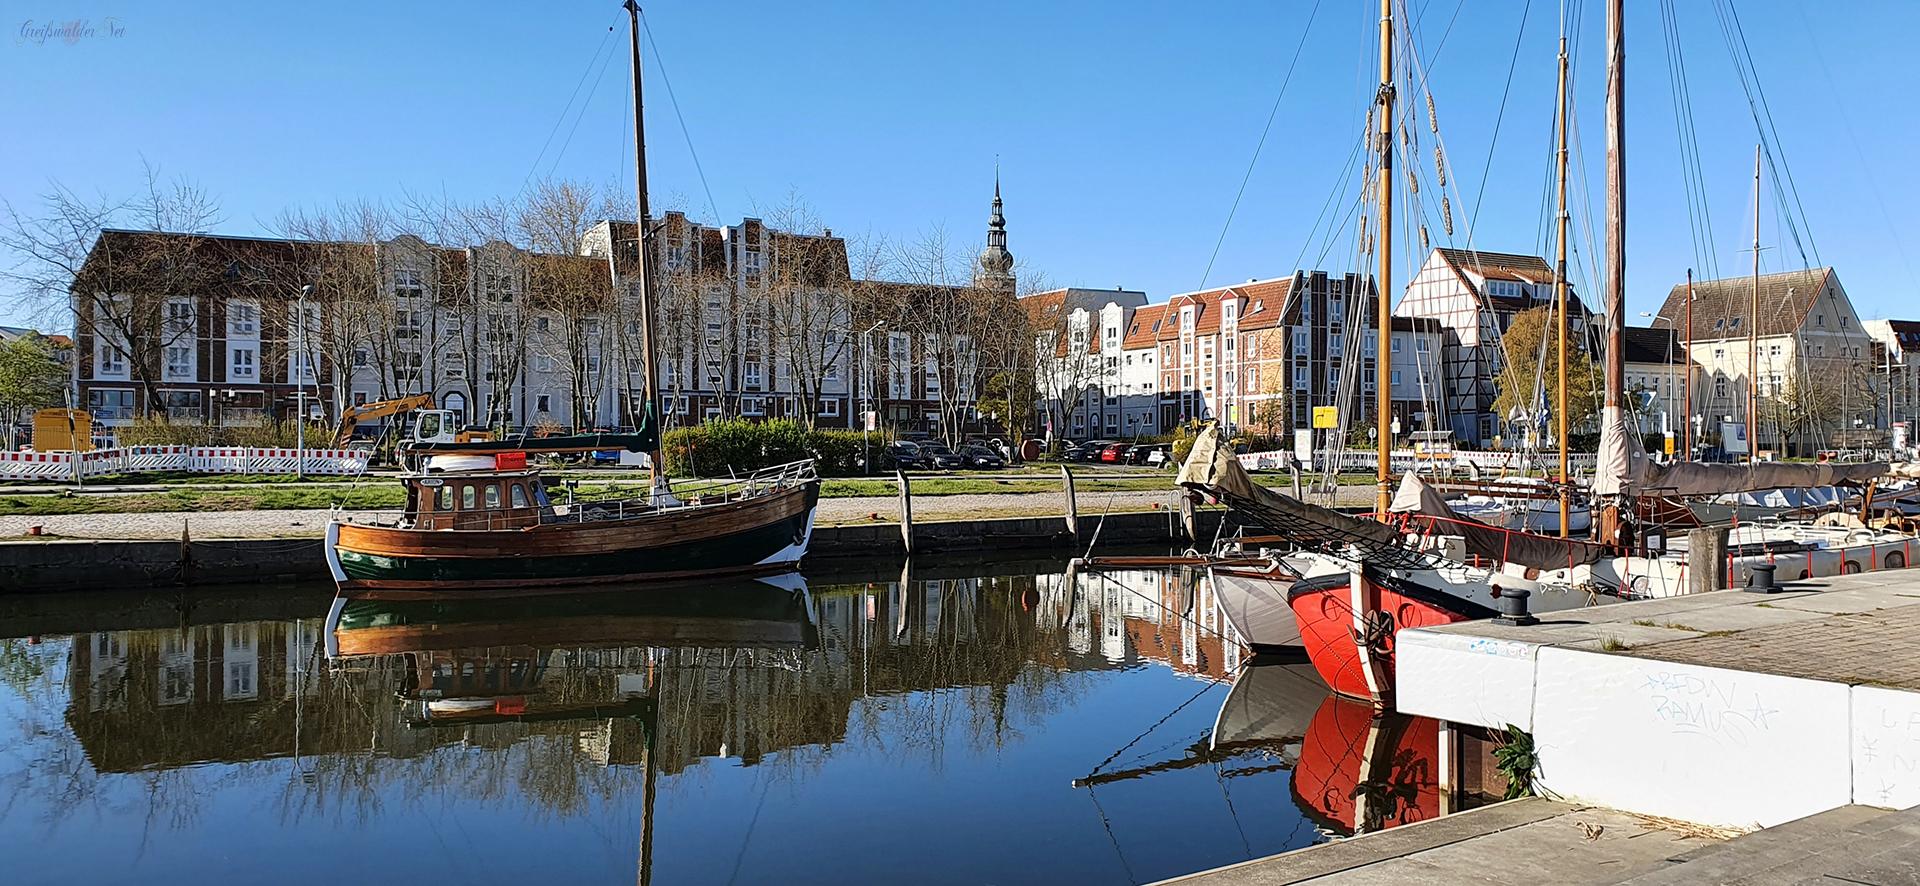 Greifswald am Museumshafen